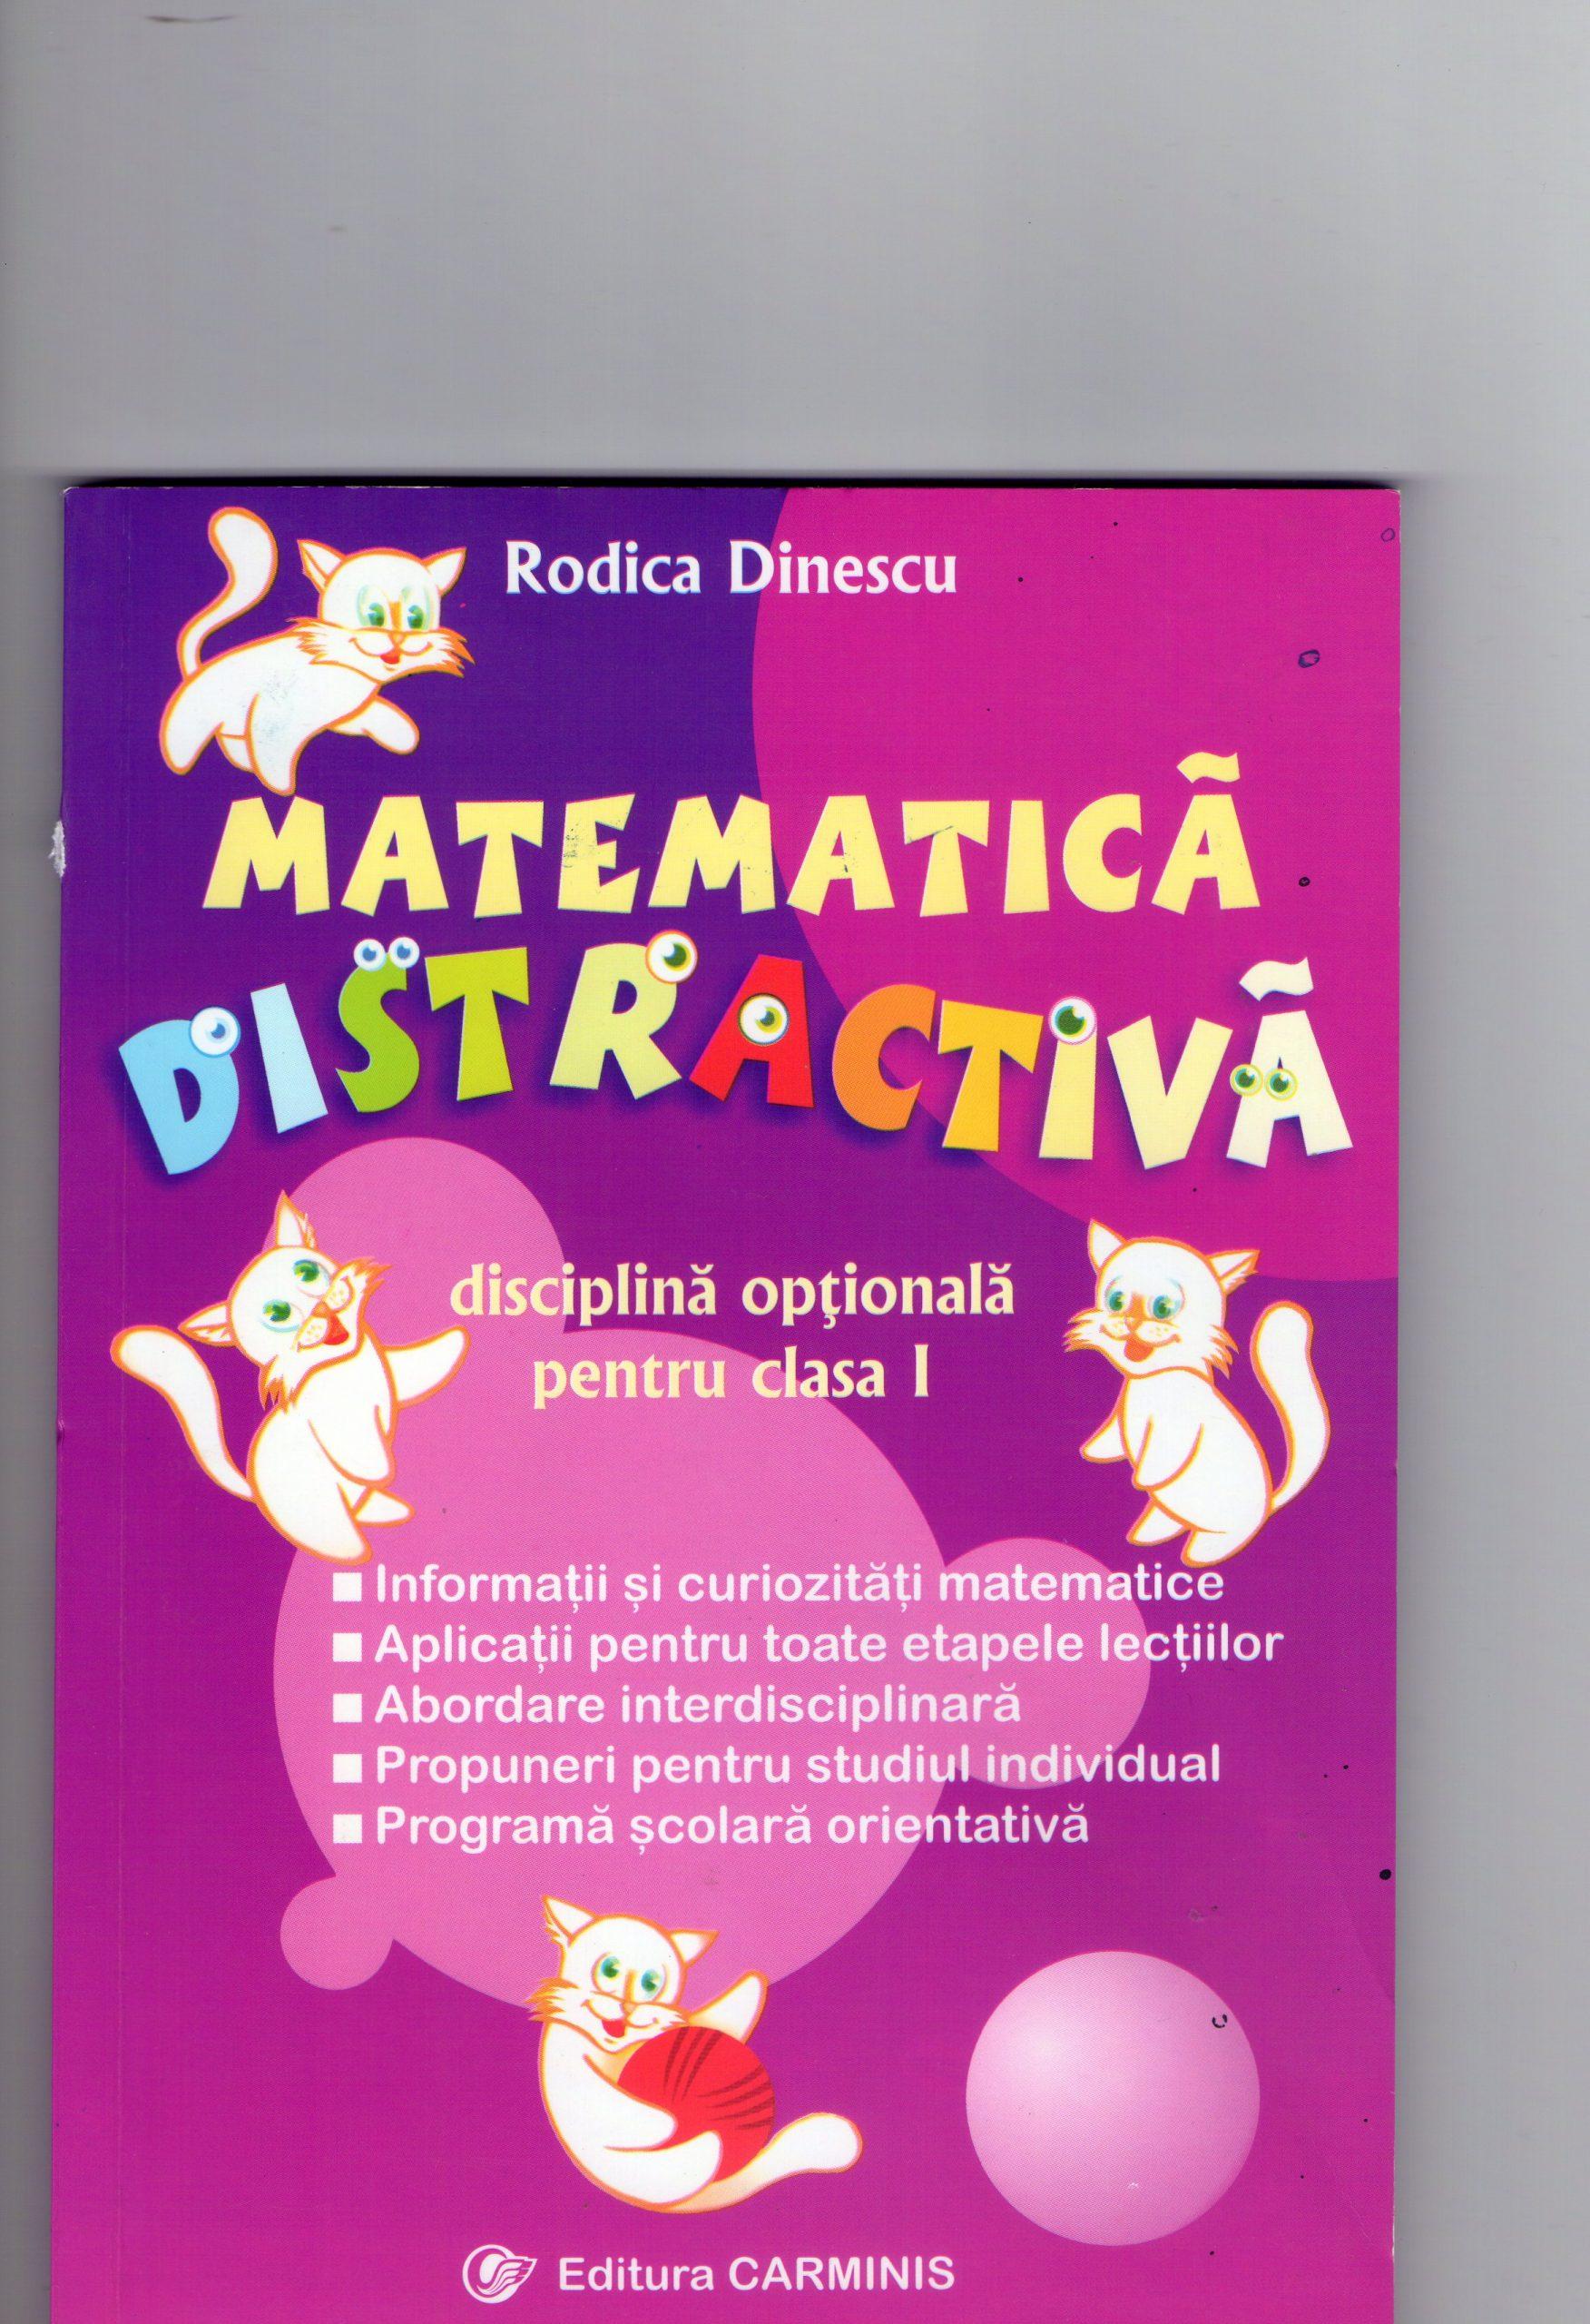 Matematica distractivă